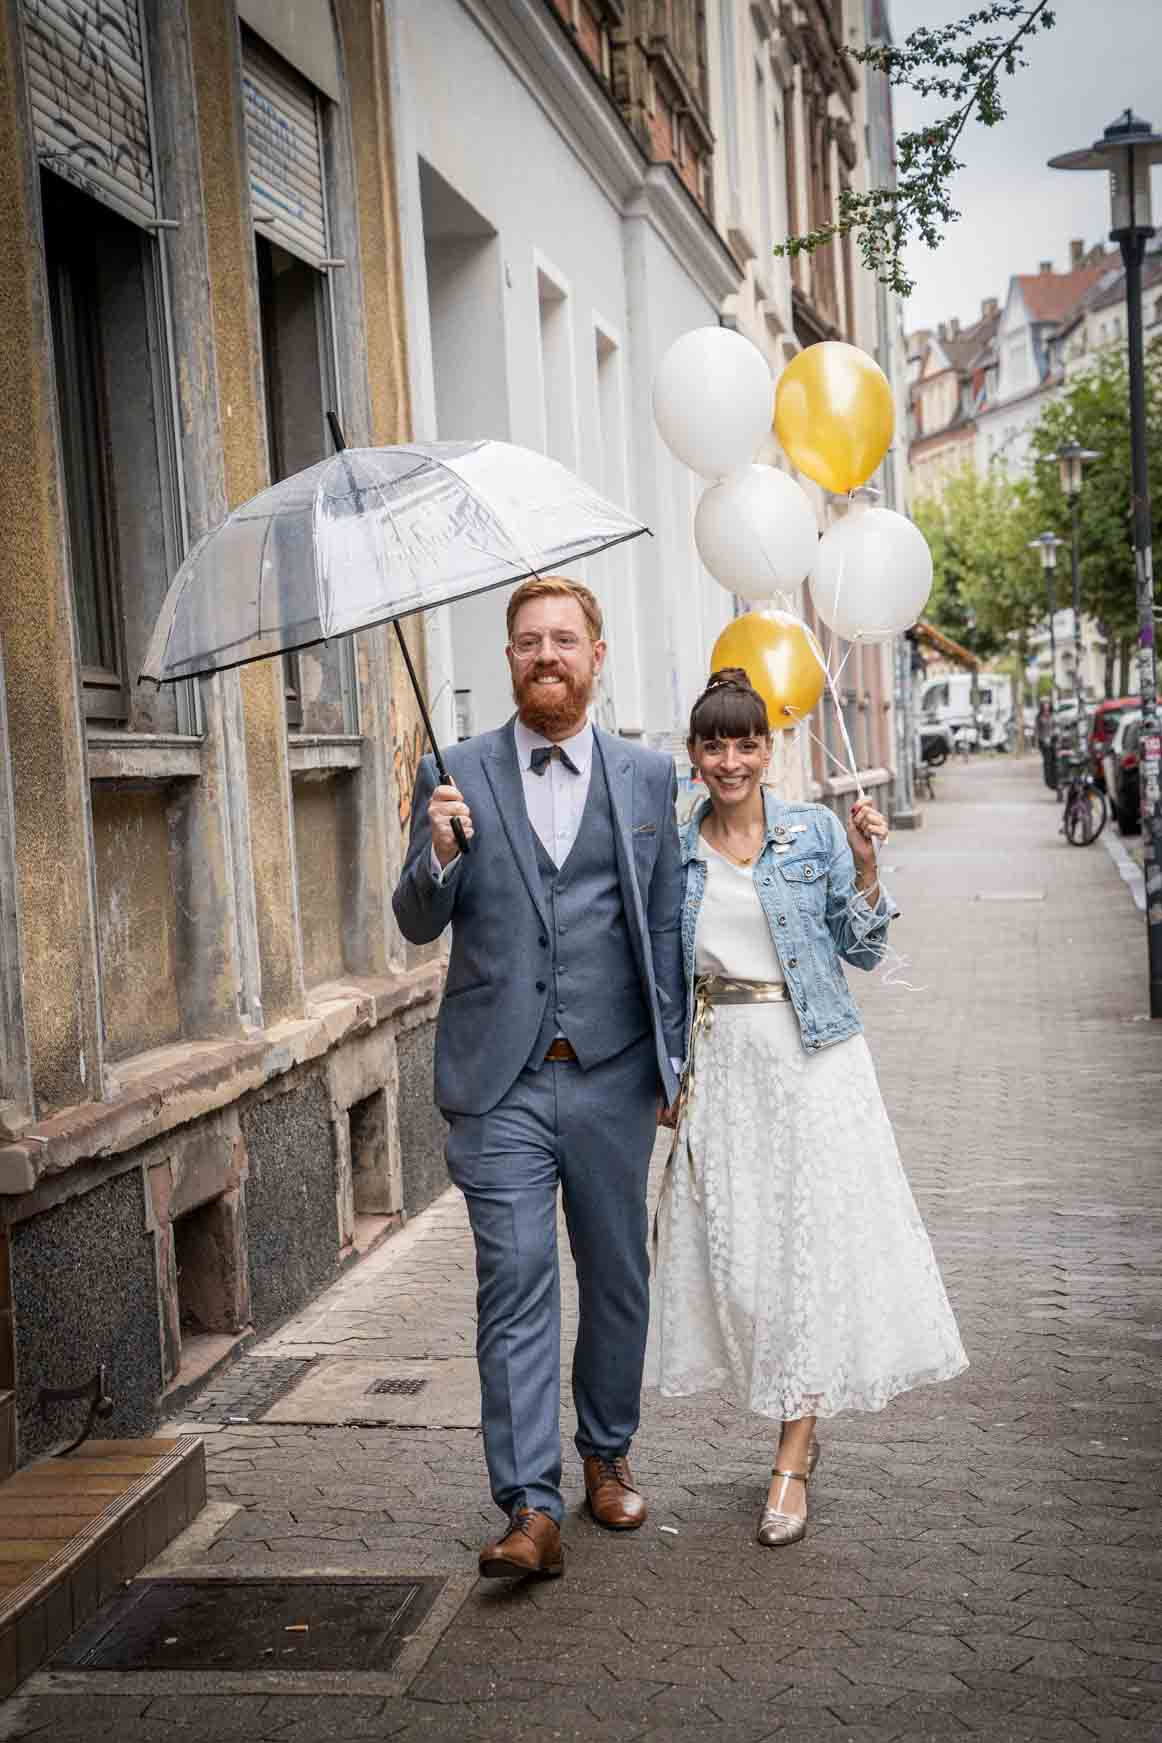 Brautpaar mit ReBrautpaar auf Strasse, Hand in Hand. Bräutigam mit blauem Dreiteiler und Fliege und Regenschirm, Braut mit Jeansjacke und Midi-Kleid in Ivory, Luftballons haltend